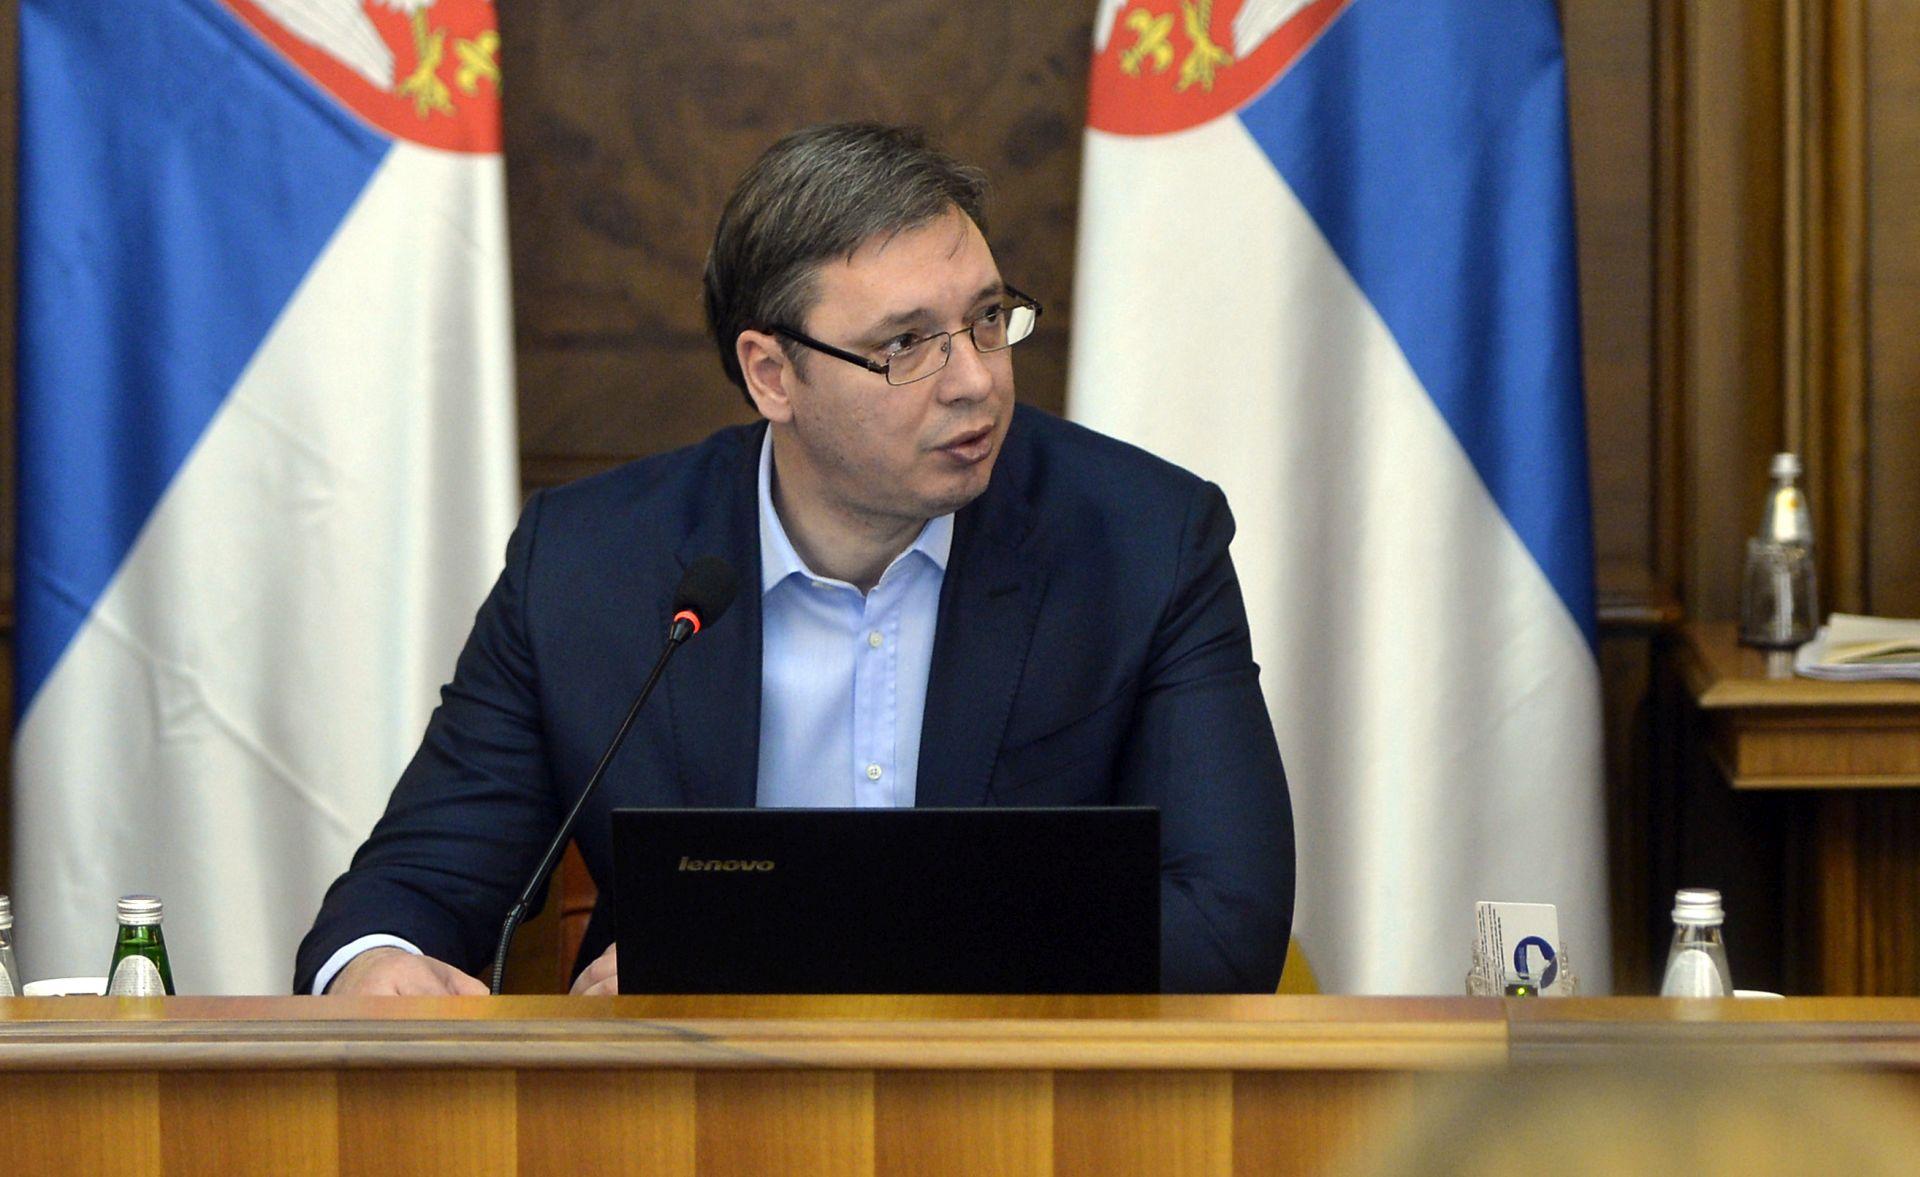 JAČANJE SURADNJE: Vučić se prije odlaska iz BiH nenajavljeno sastao s Dodikom